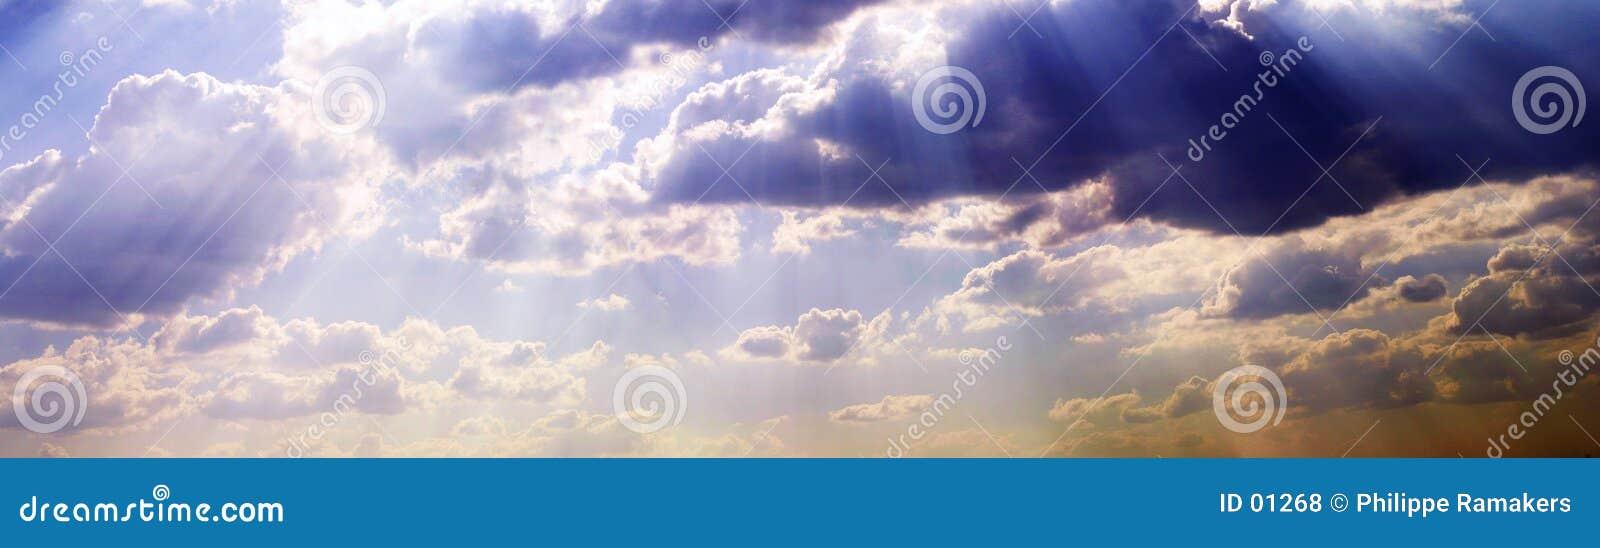 ουρανός σύννεφων ευρύς